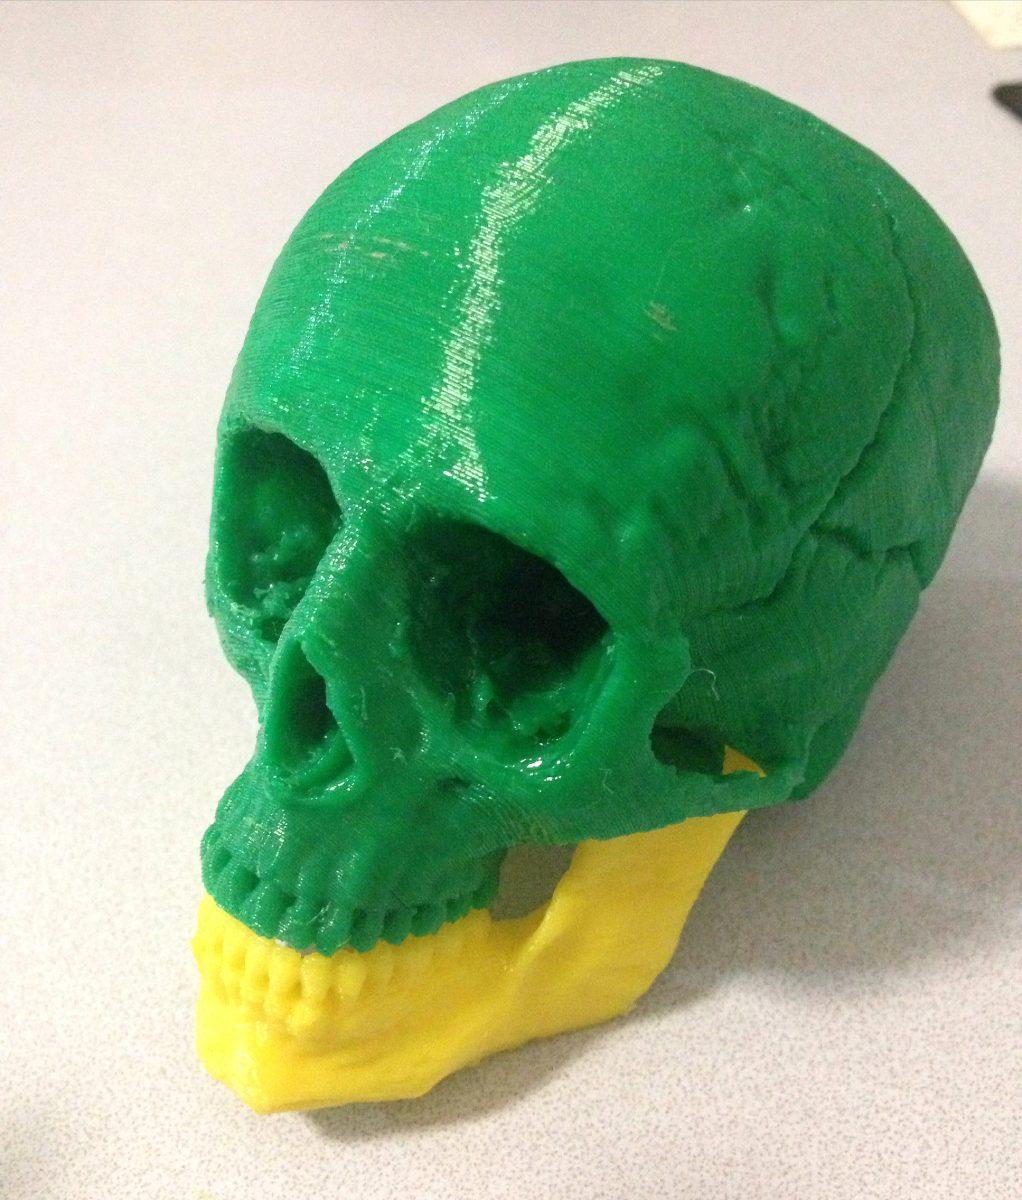 Huesos Humanos Impresos En 3d - $ 400,00 en Mercado Libre